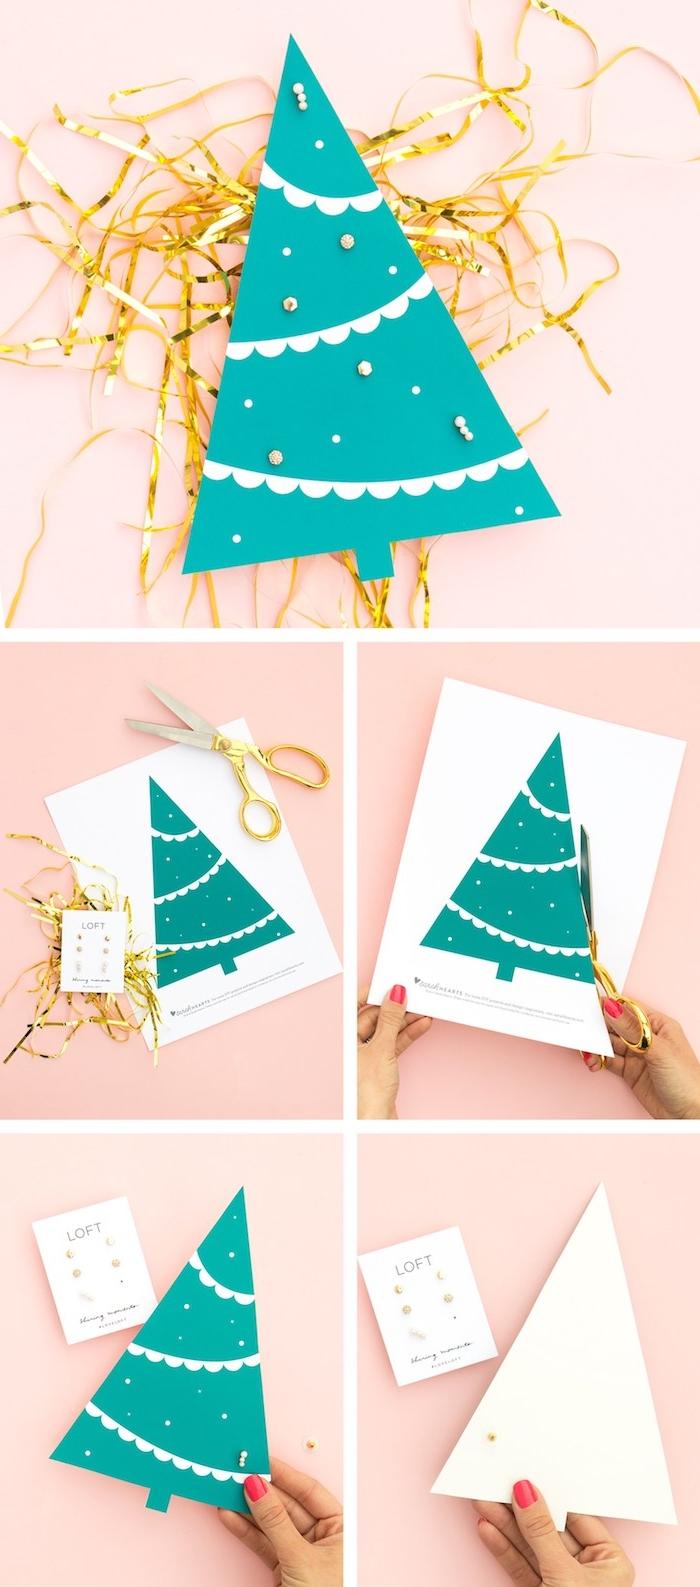 Kleines Christbäumchen aus Papier ausschneiden, Ohrringe darin stechen, tolle Idee für Weihnachtsgeschenk